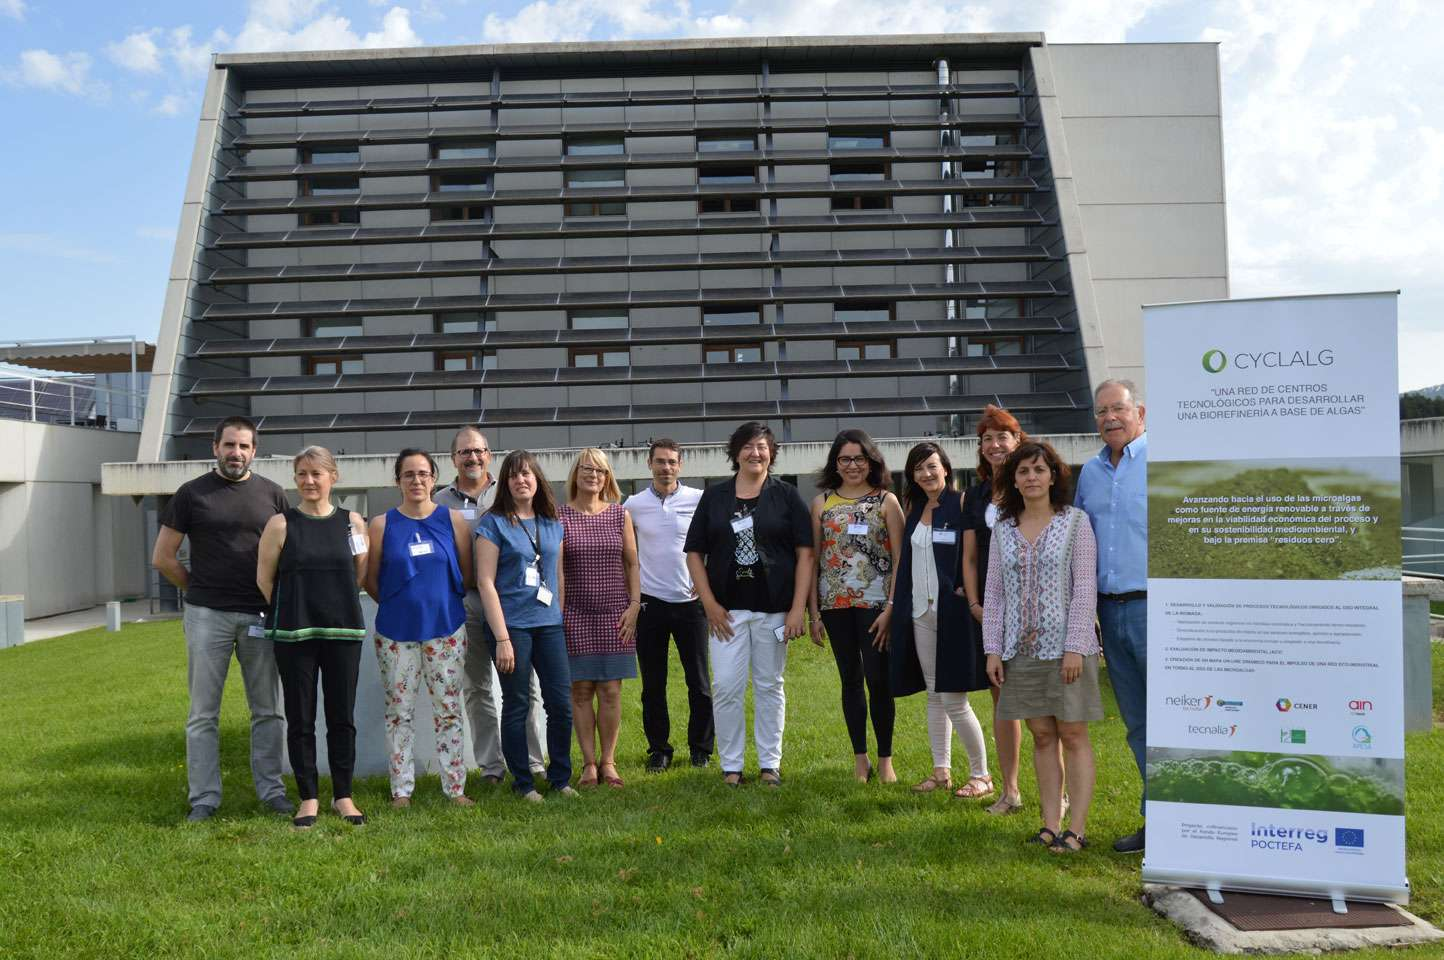 CENER Obtiene Los Primeros Kilos De Biomasa De Microalgas, Como Parte De Su Trabajo En El Proyecto CYCLALG